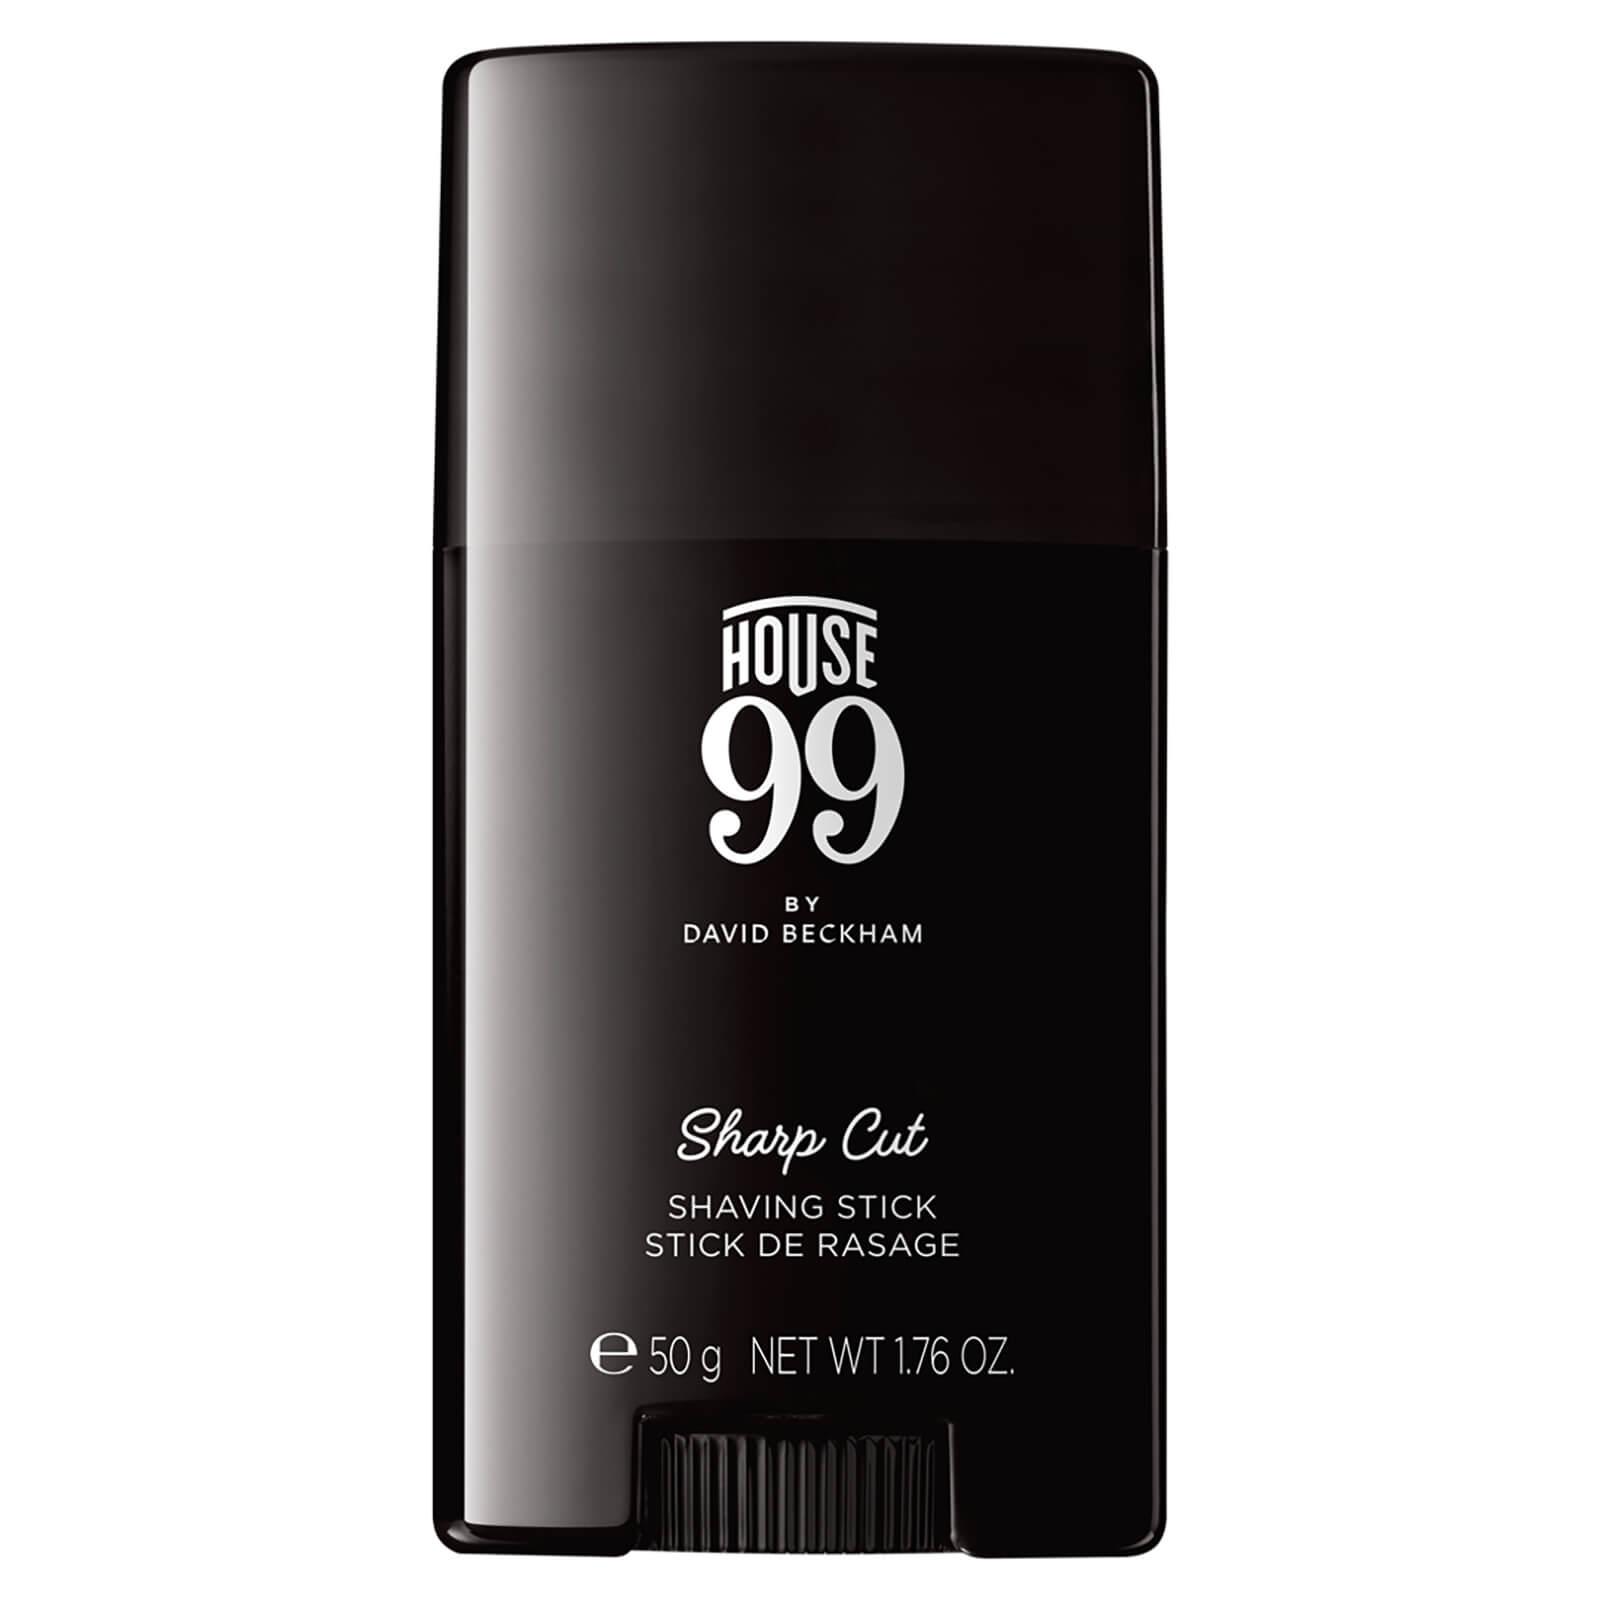 House 99 Sharp Cut Shaving Stick 50g